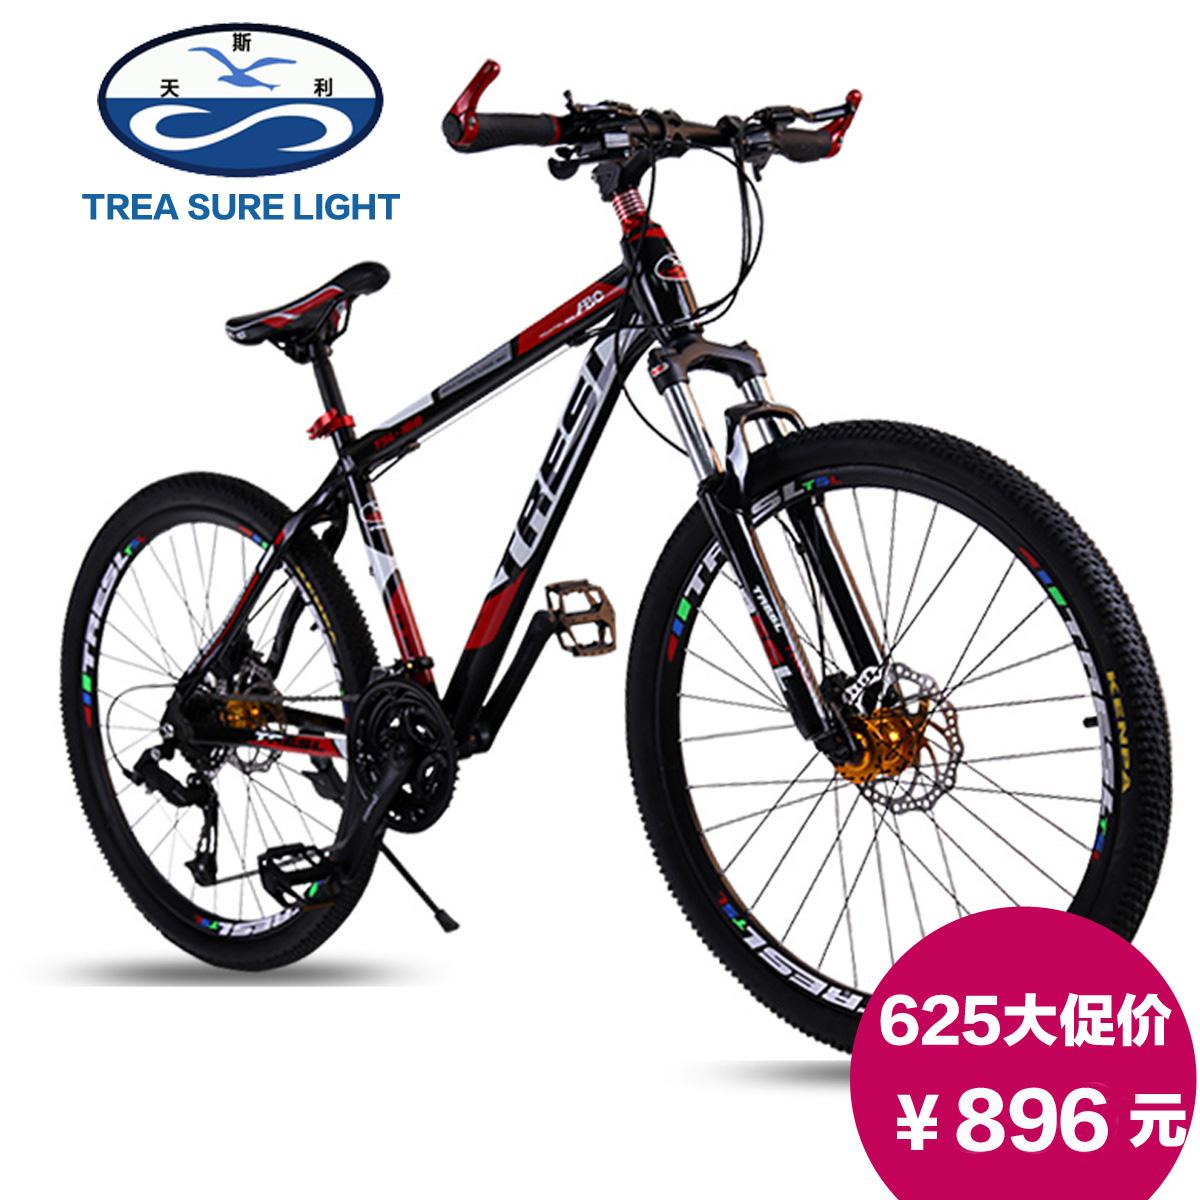 Горный велосипед Treasure light 201502 27